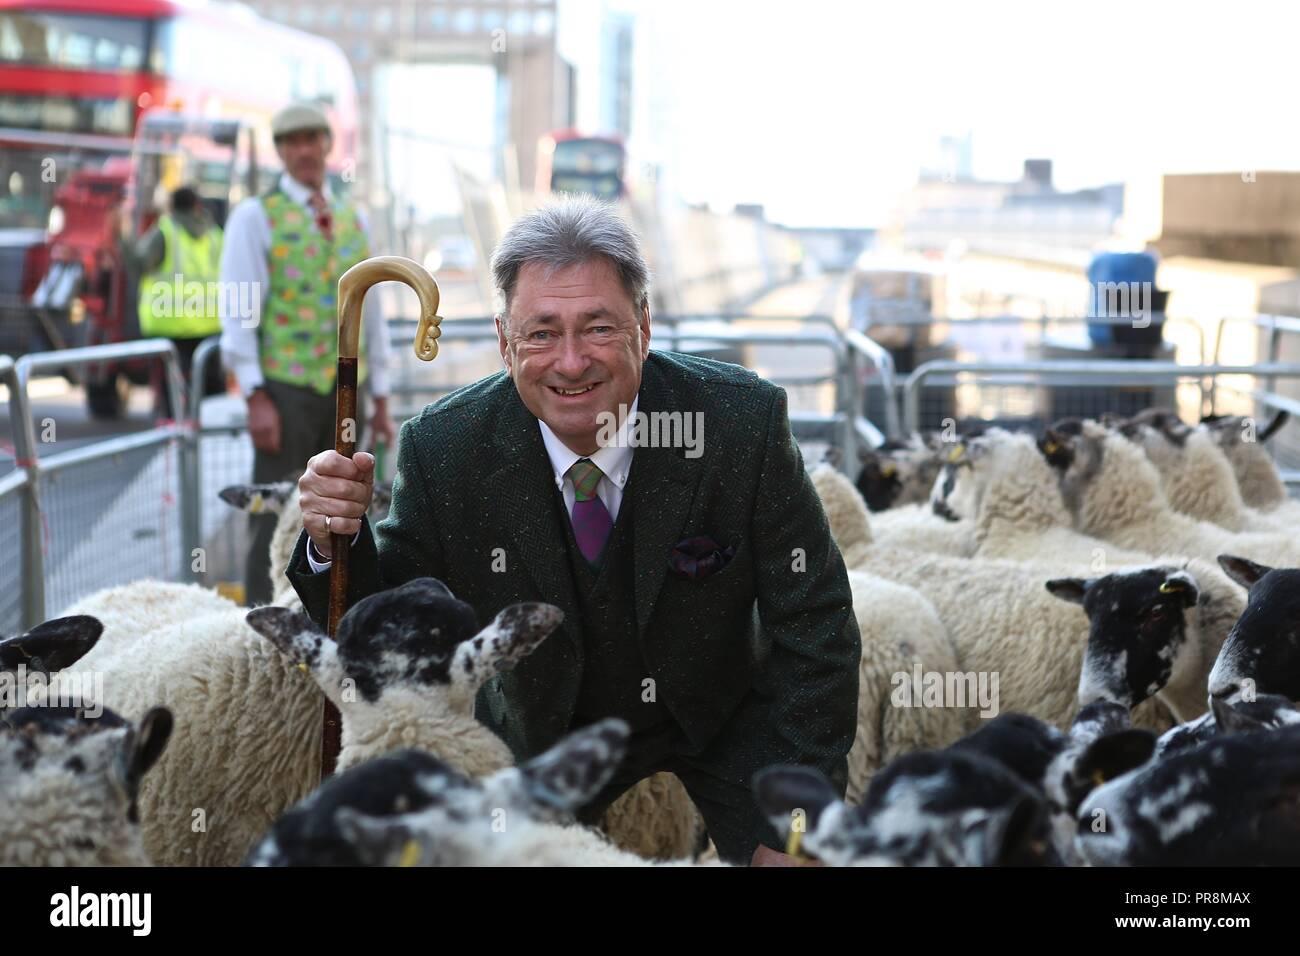 Alan Titchmarsh debut sheep drice 30/9/2018 - Stock Image